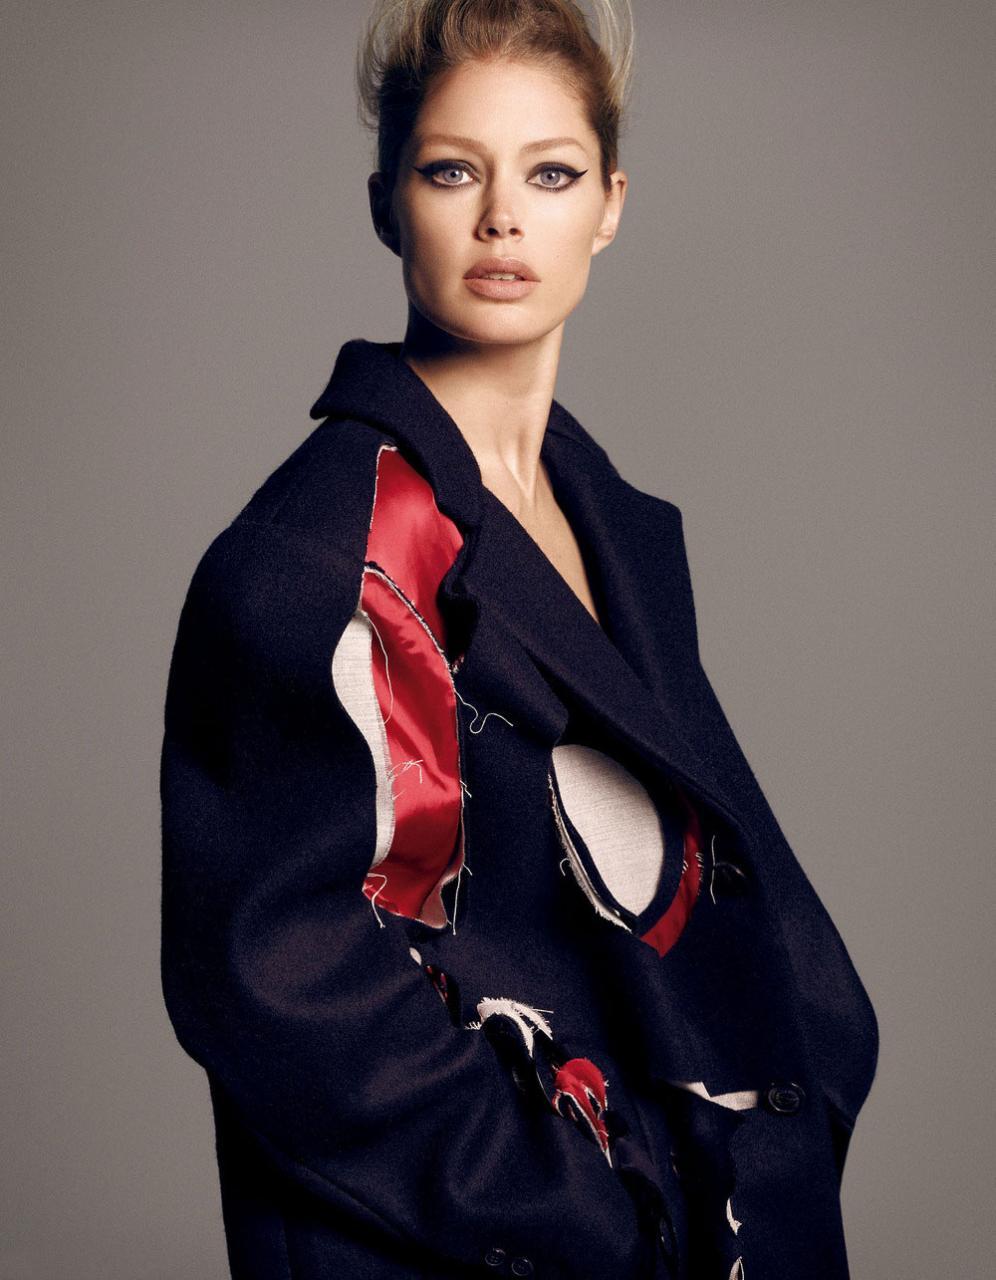 时尚摄影师组合Luigi & Iango的Vogue杂志作品 时尚图库 第4张